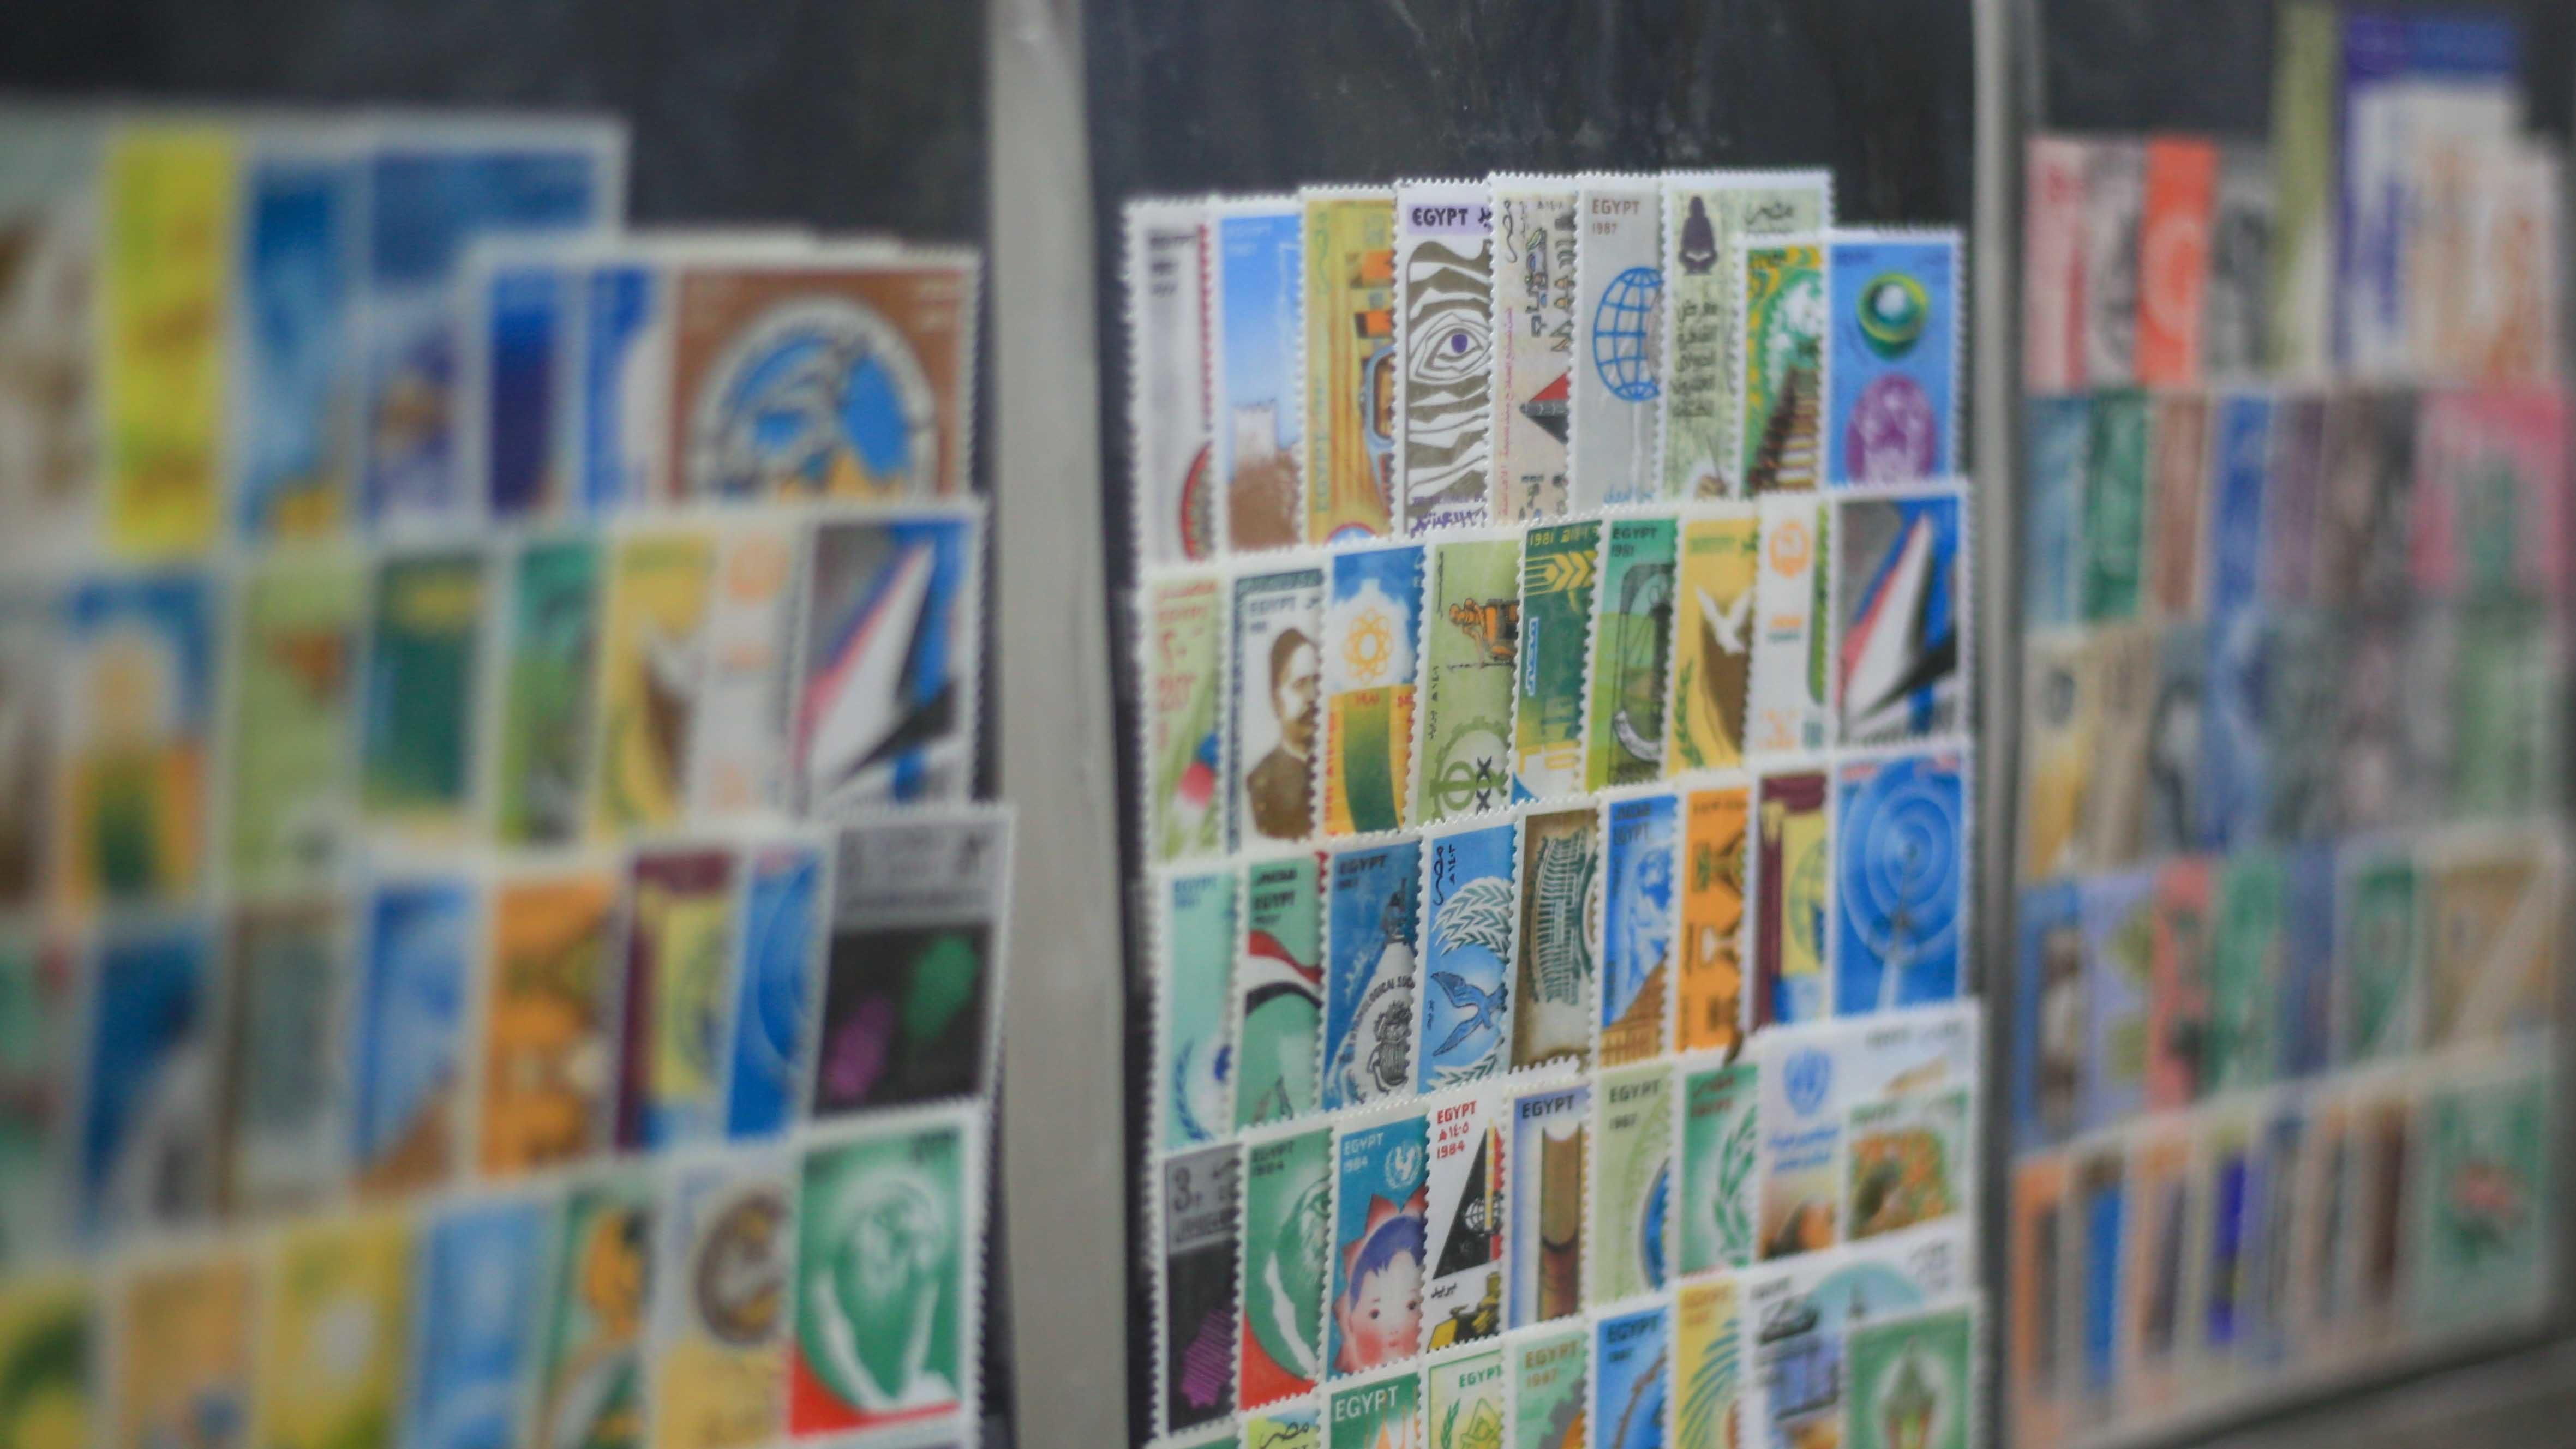 جانب من الطوابع المعروضة بالمحل- تصوير - عبد الرحمن محمد